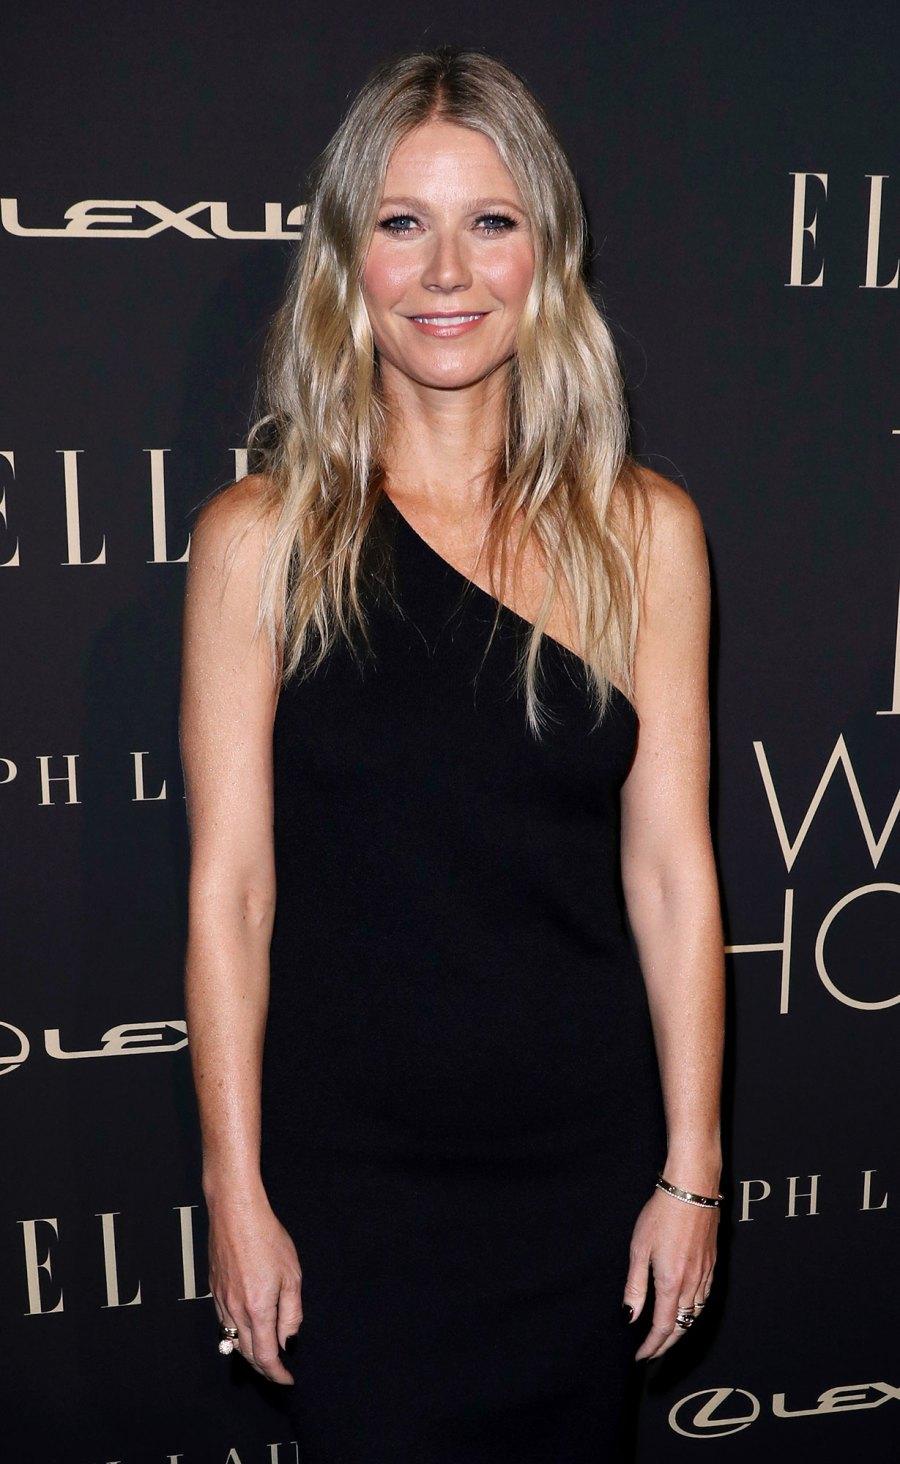 Gwyneth Paltrow Stepparenting